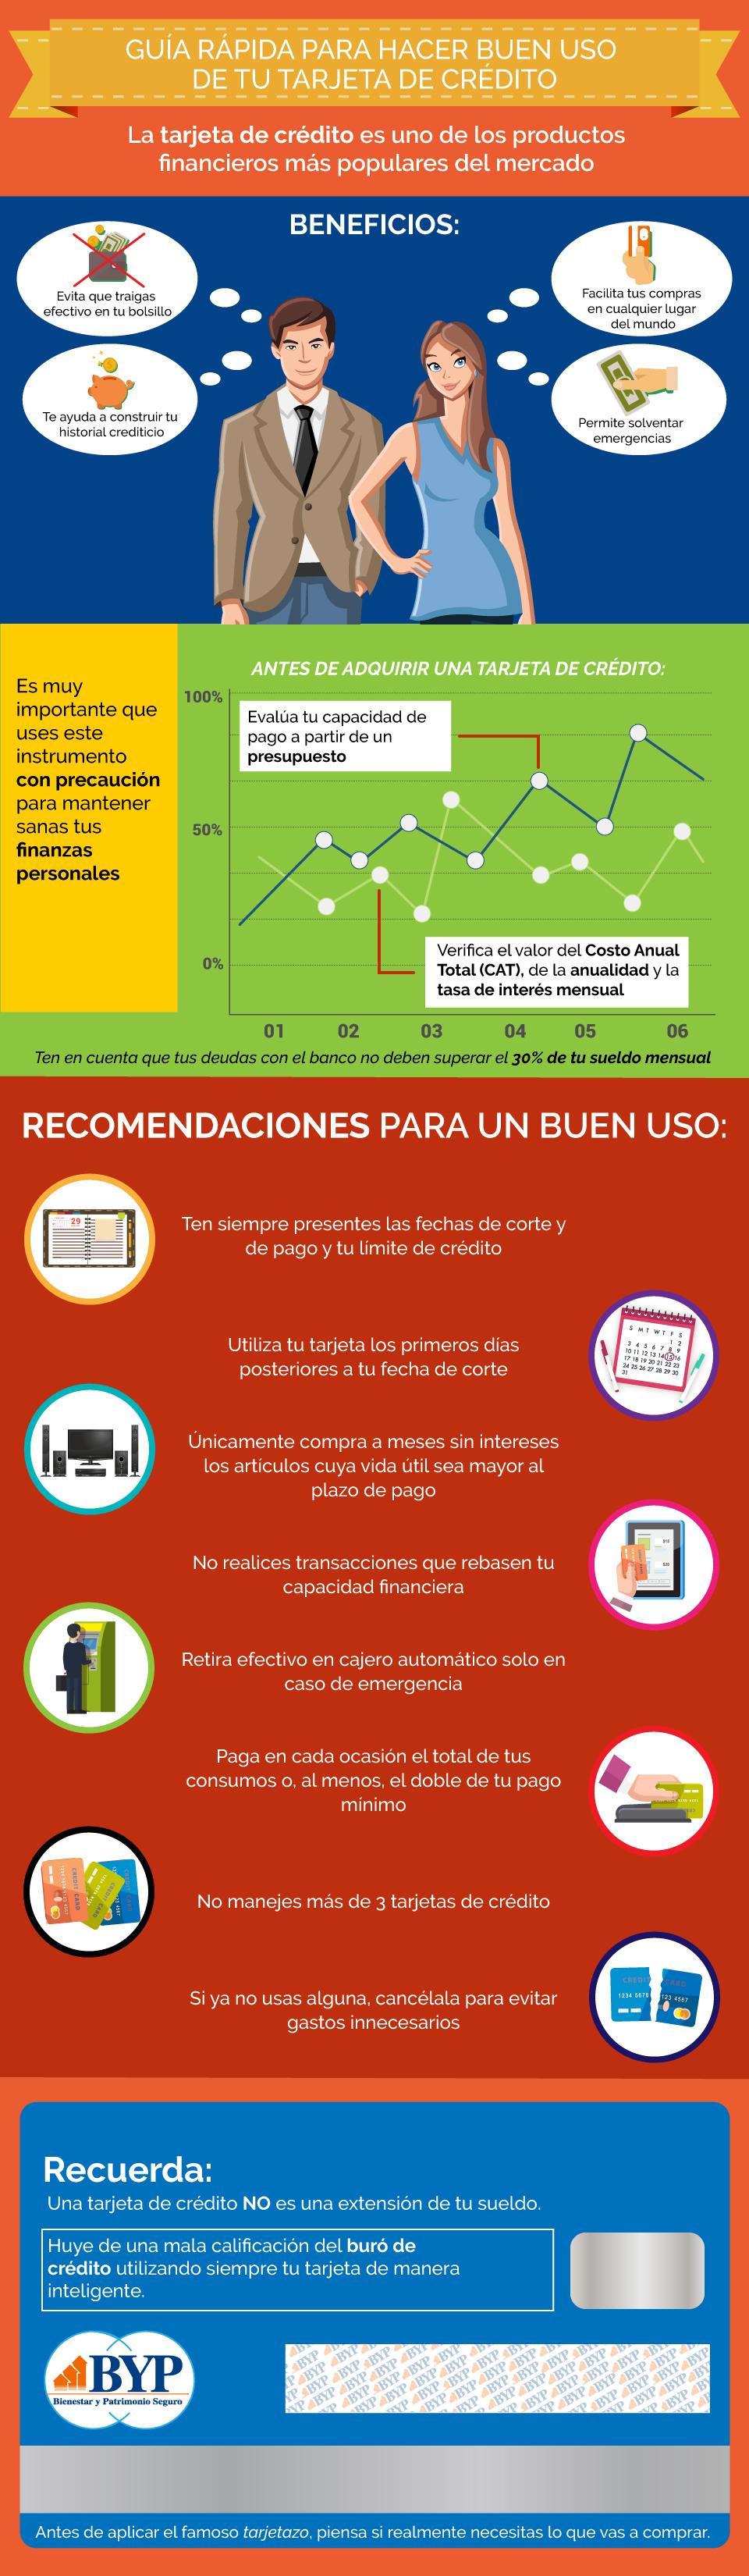 Guía rápida para usar tu tarjeta de crédito (infografía)